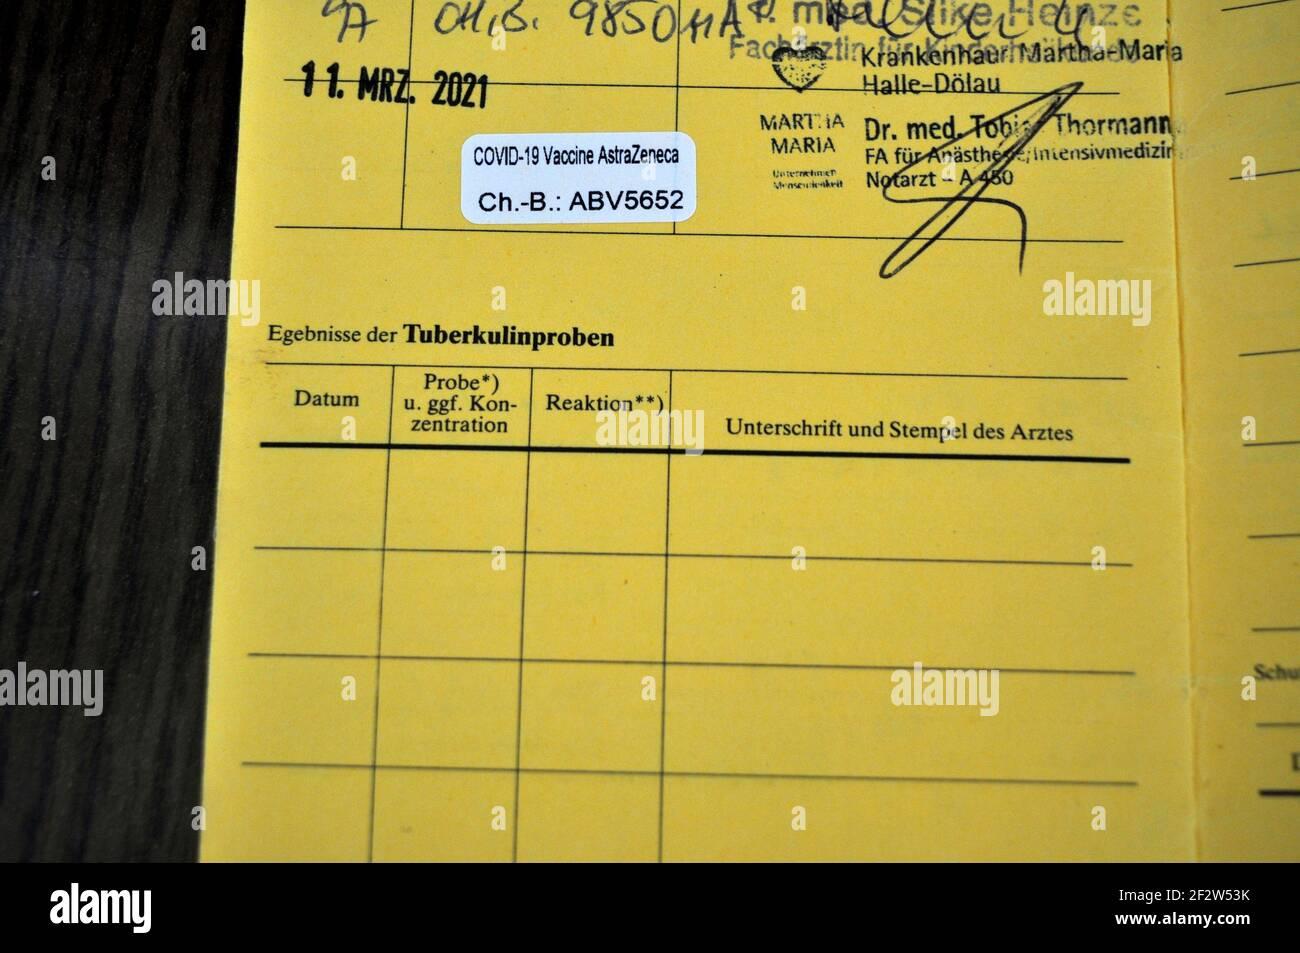 ein Eintrag einer Corona Impfung mit dem Impstoff des Pharmakonzern AstraZeneca en einem Impfausweis Foto de stock